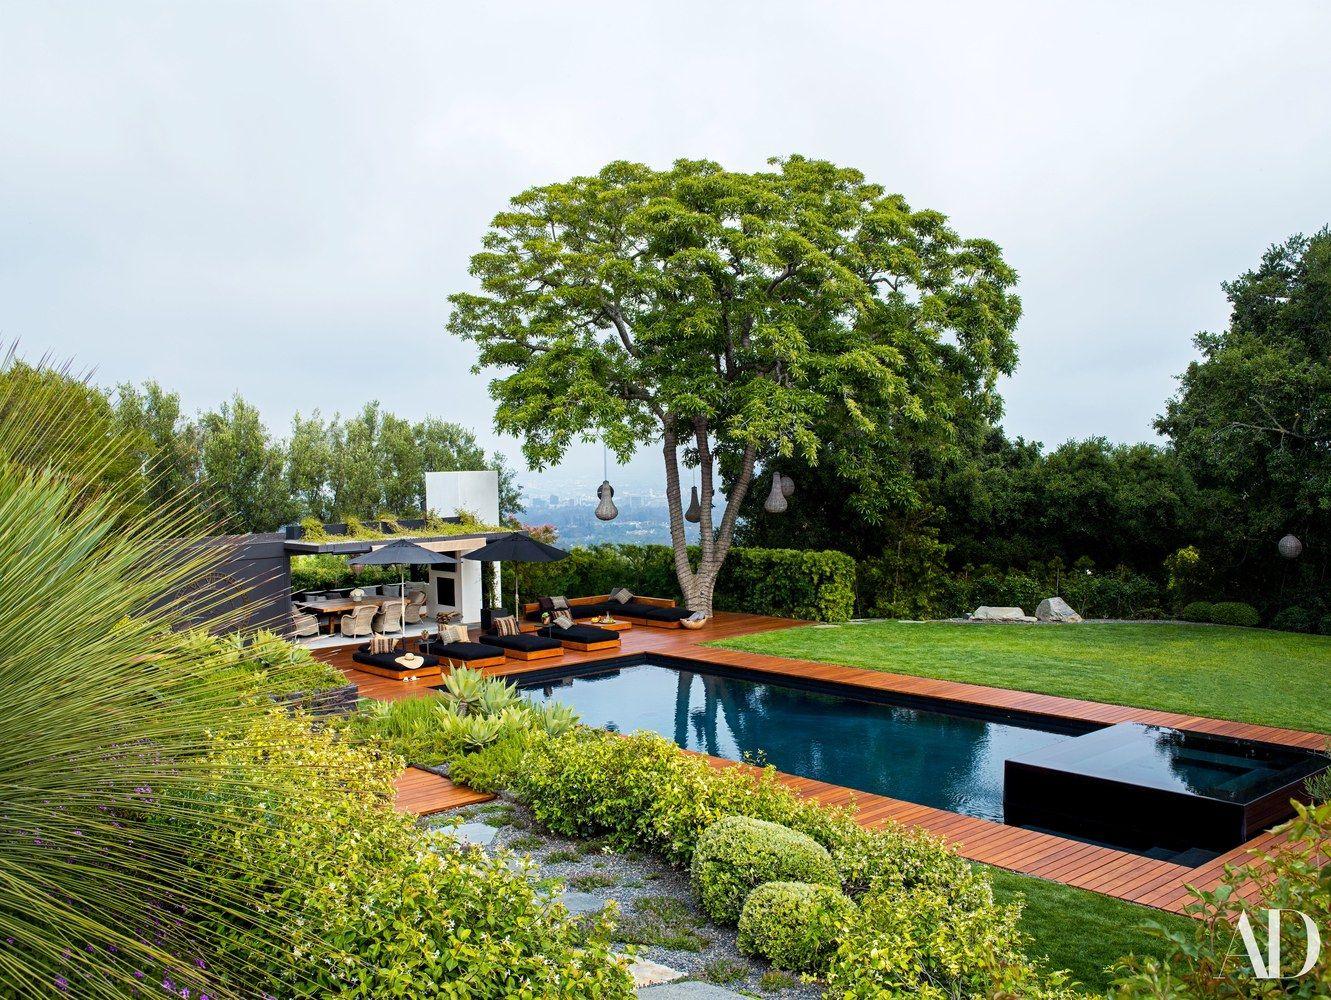 Оце так хороми: Дженніфер Еністон показала свій розкішний дім - фото 368829